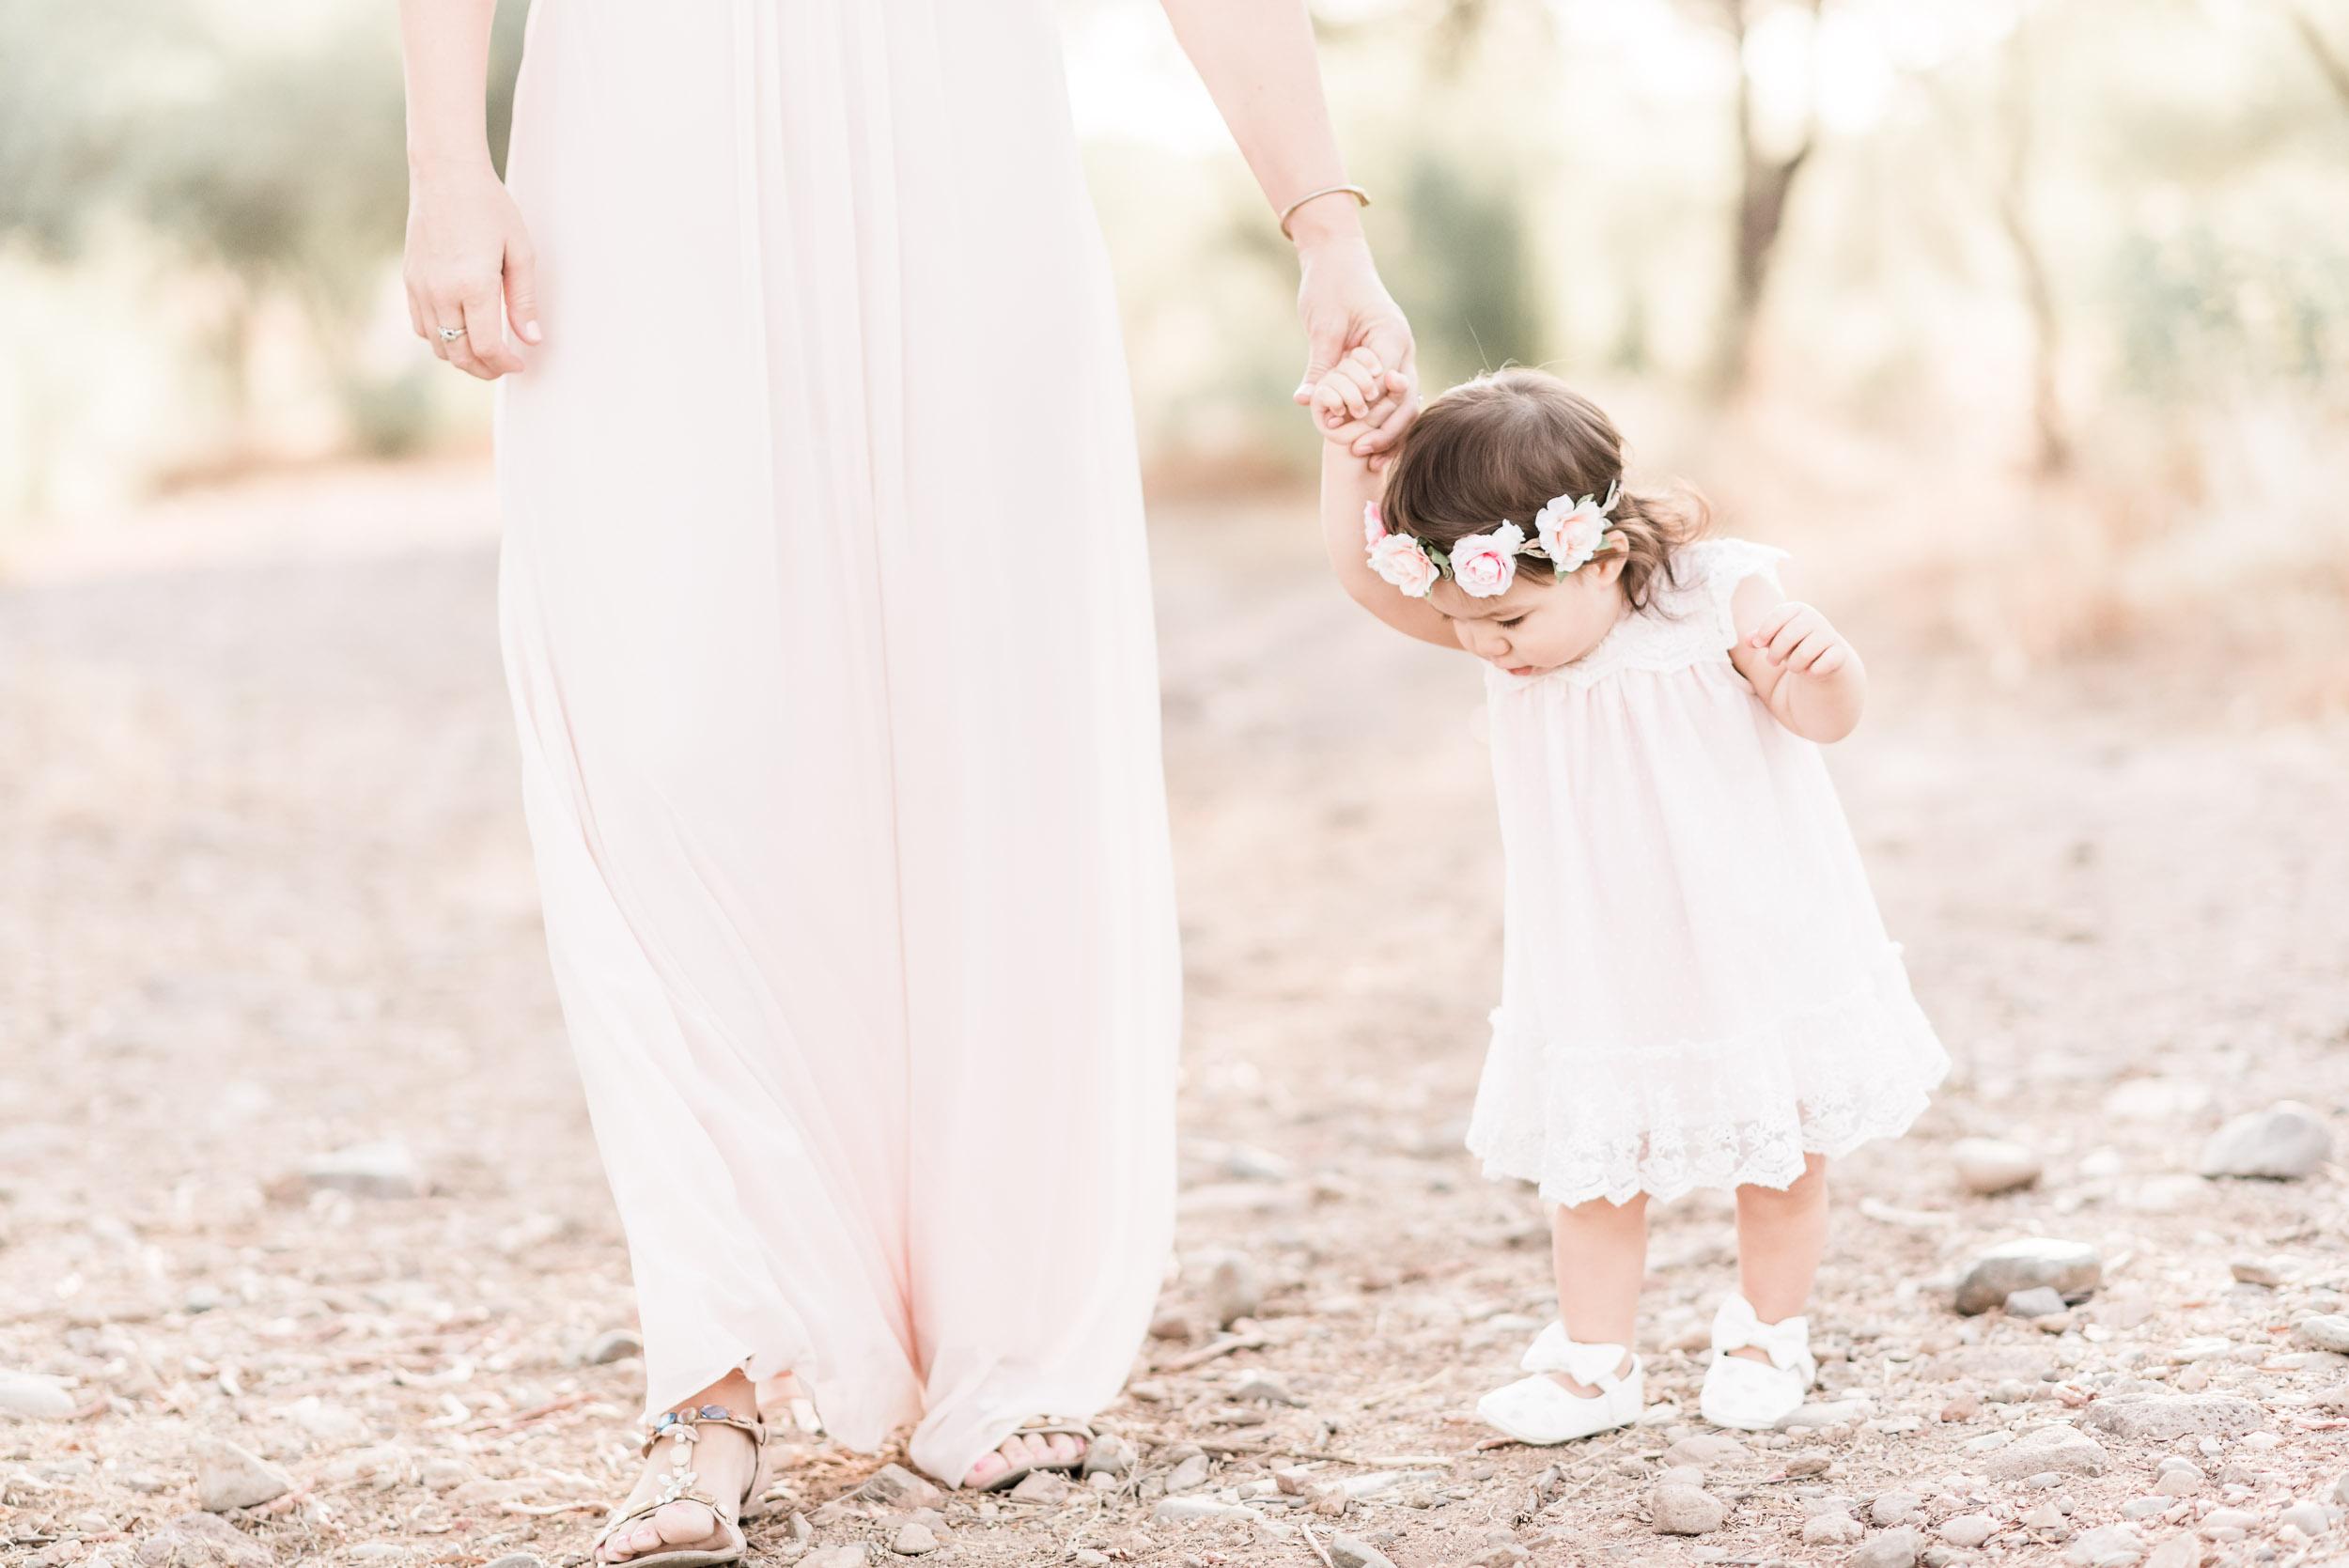 RachaelLaynePhotography_SCfamilyphotographer16.jpg